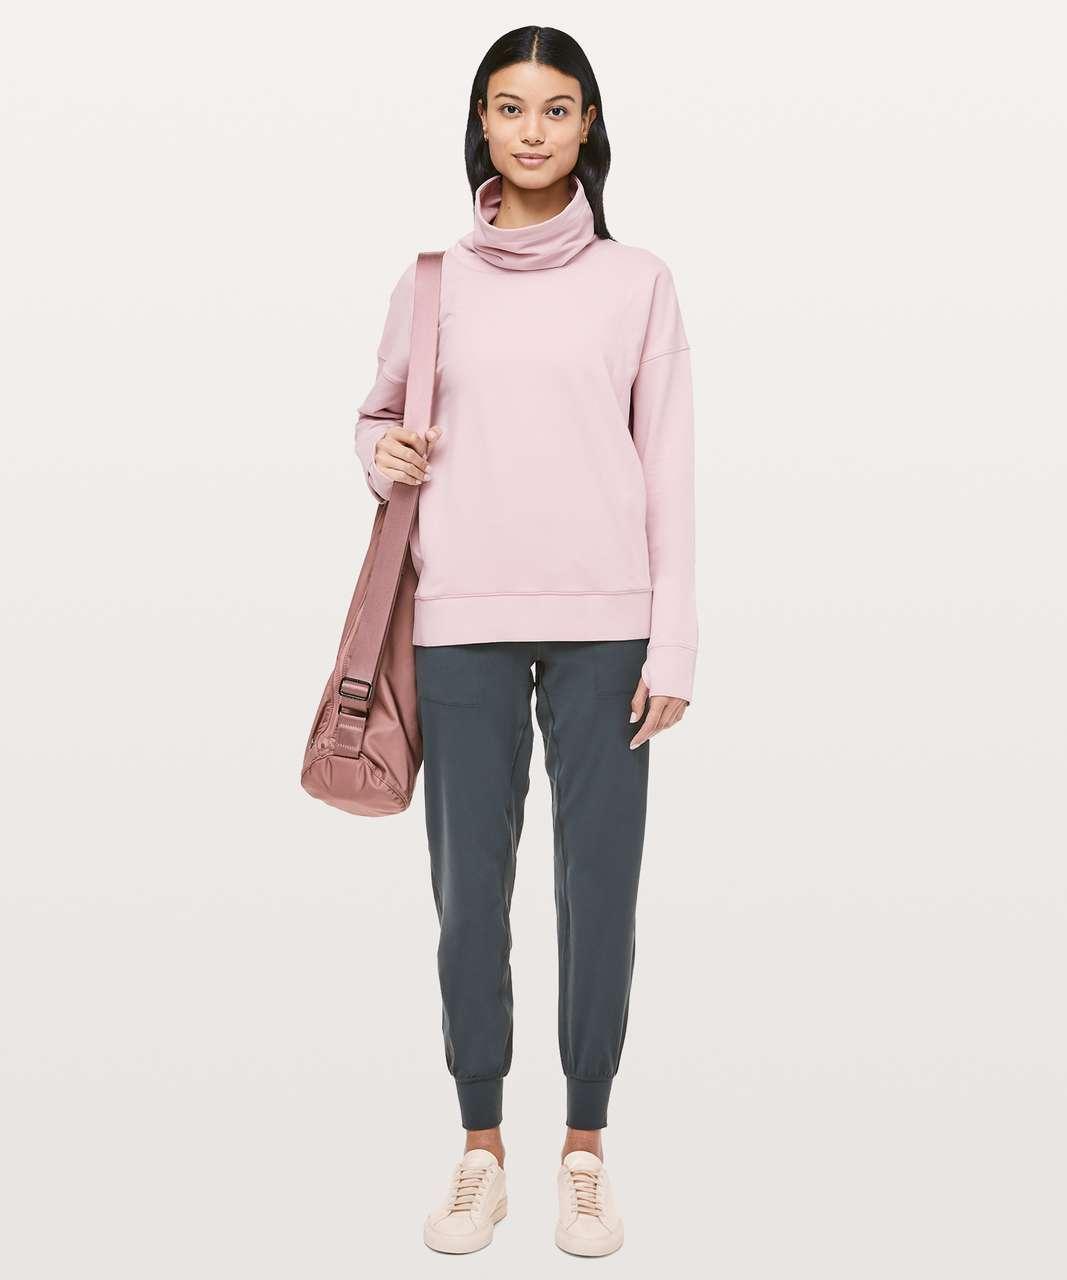 Lululemon Go Forward Pullover - Porcelain Pink